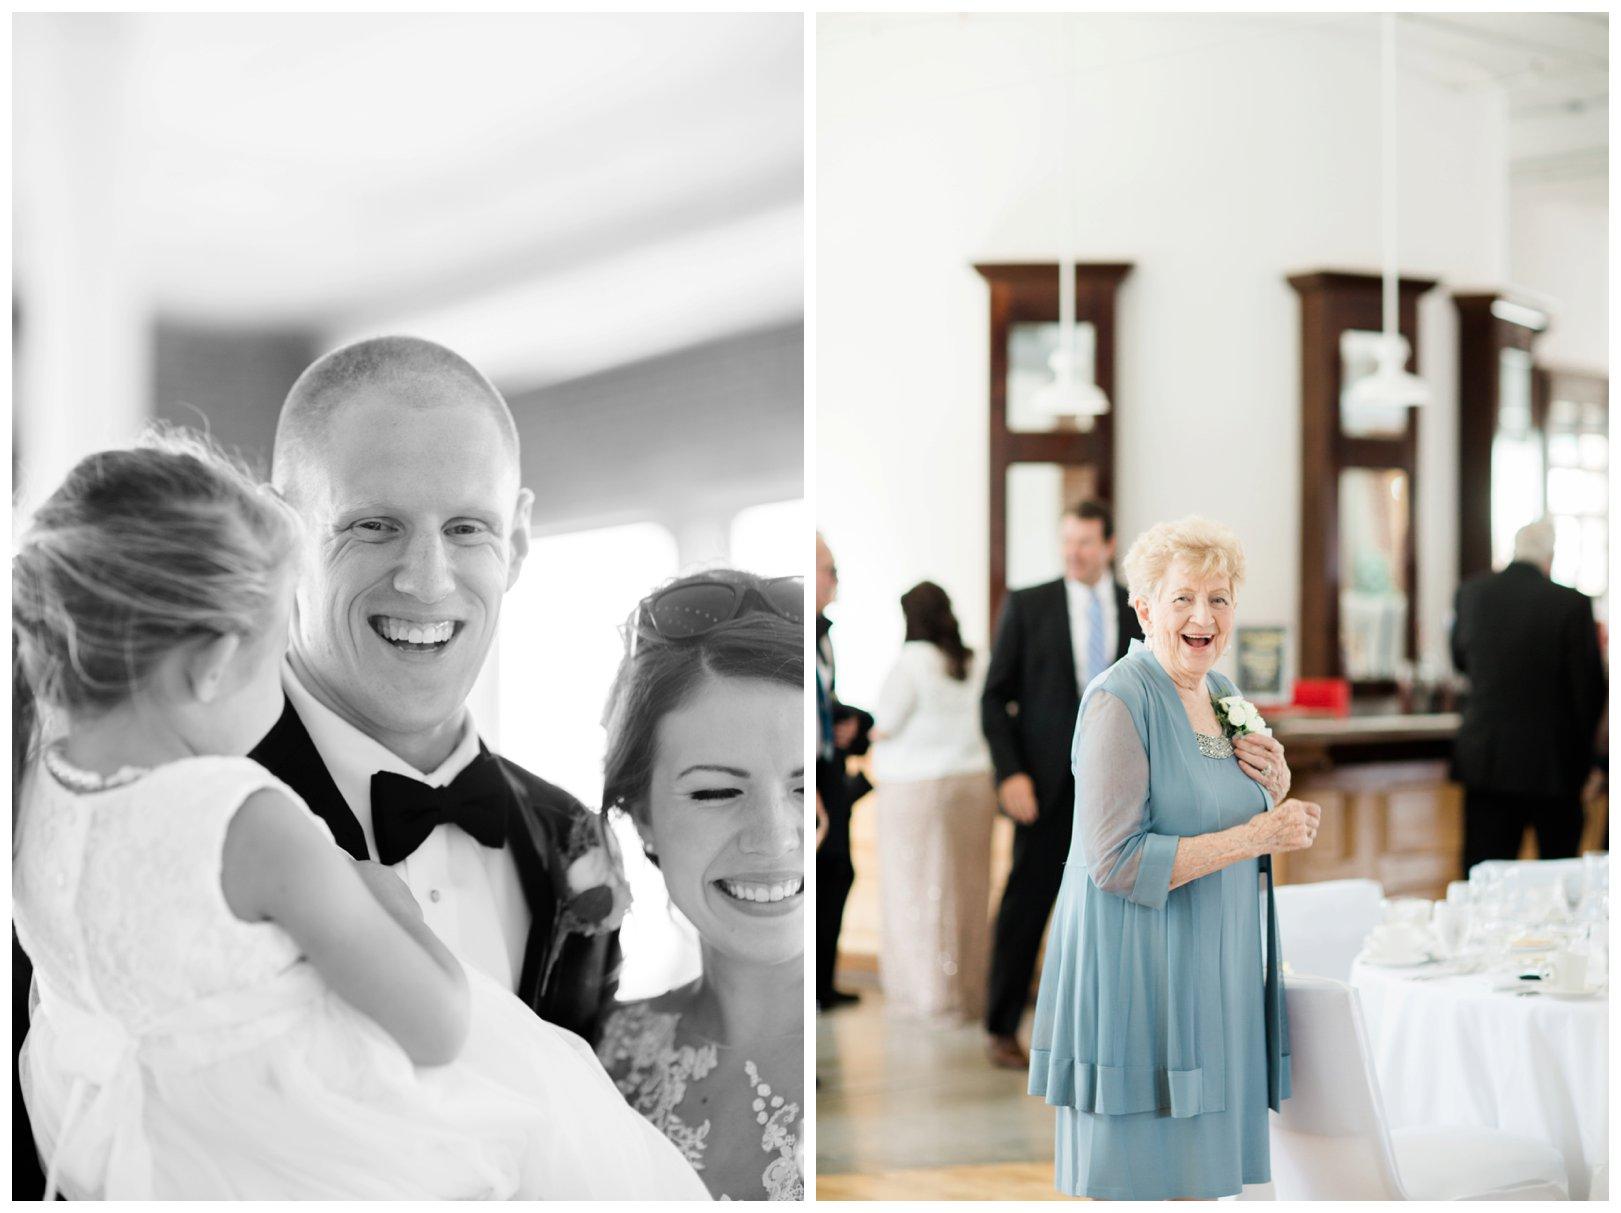 lauren muckler photography_fine art film wedding photography_st louis_photography_1327.jpg